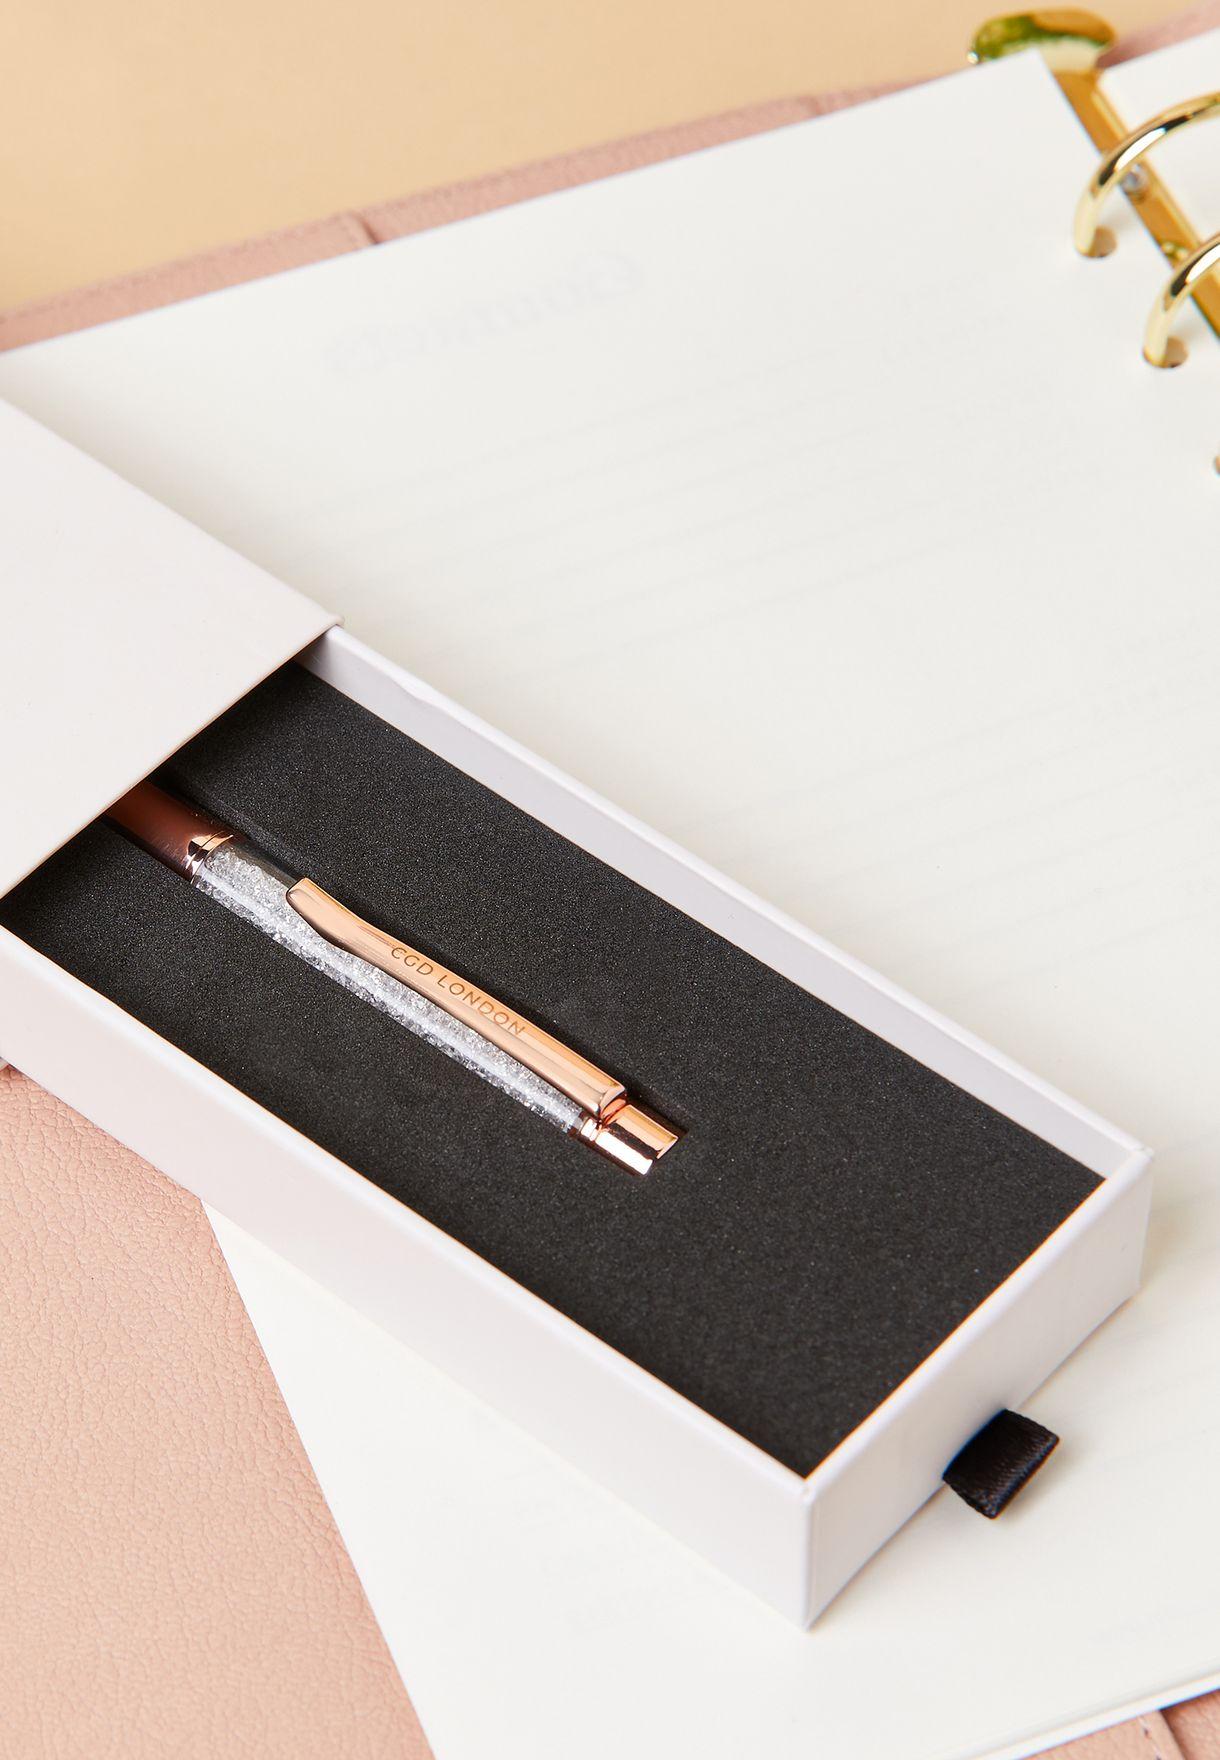 Semi Precious Stone Pen